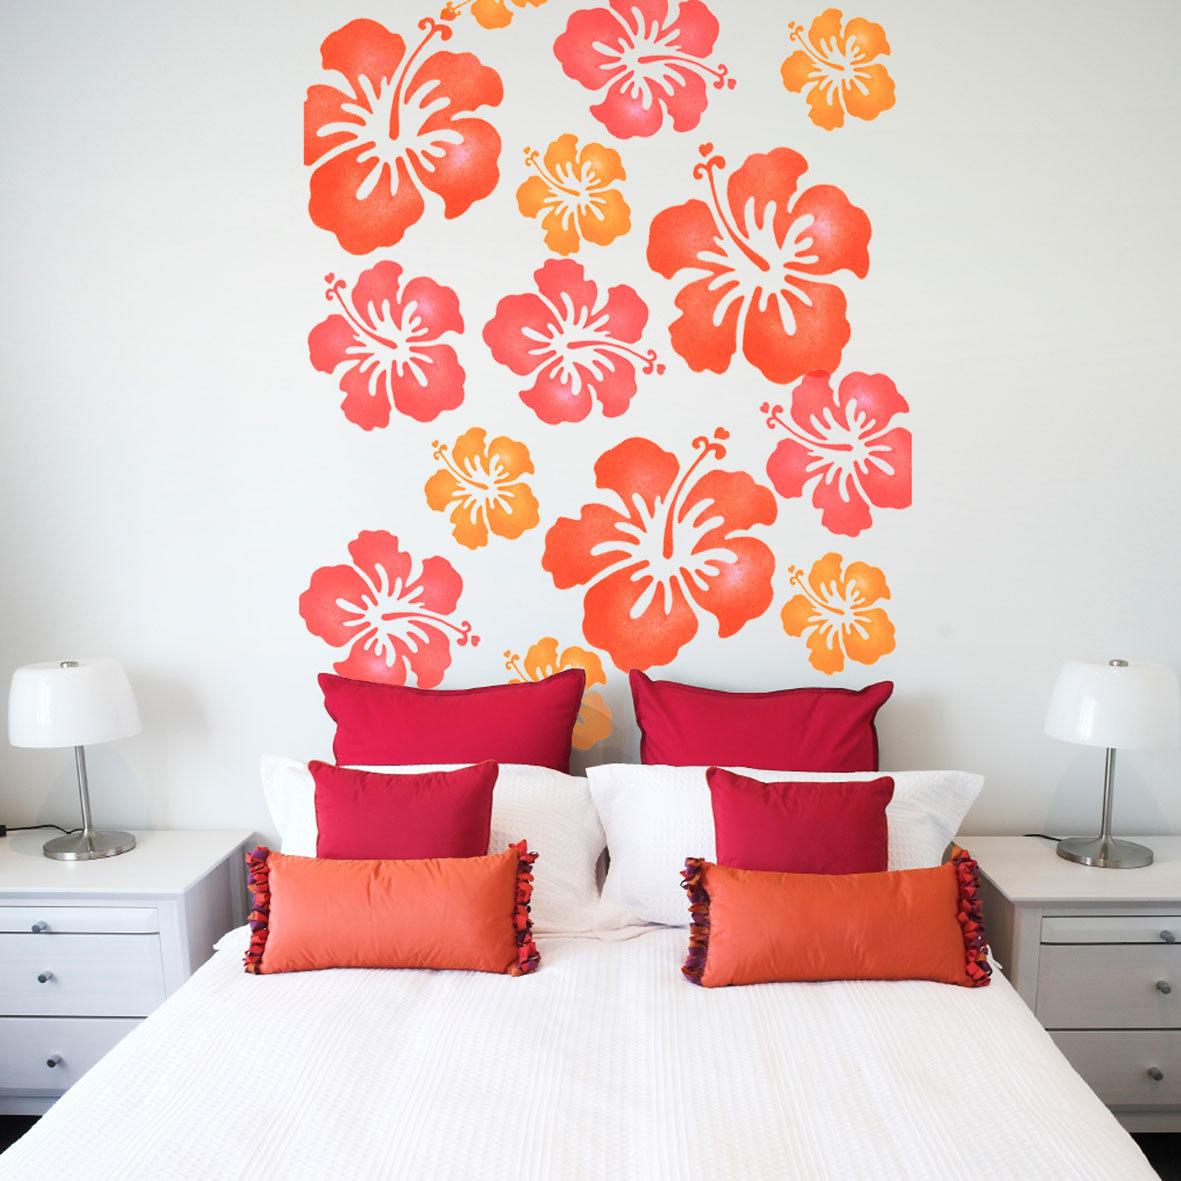 Как украсить стену комнаты своими руками - 78 фото примеров 11